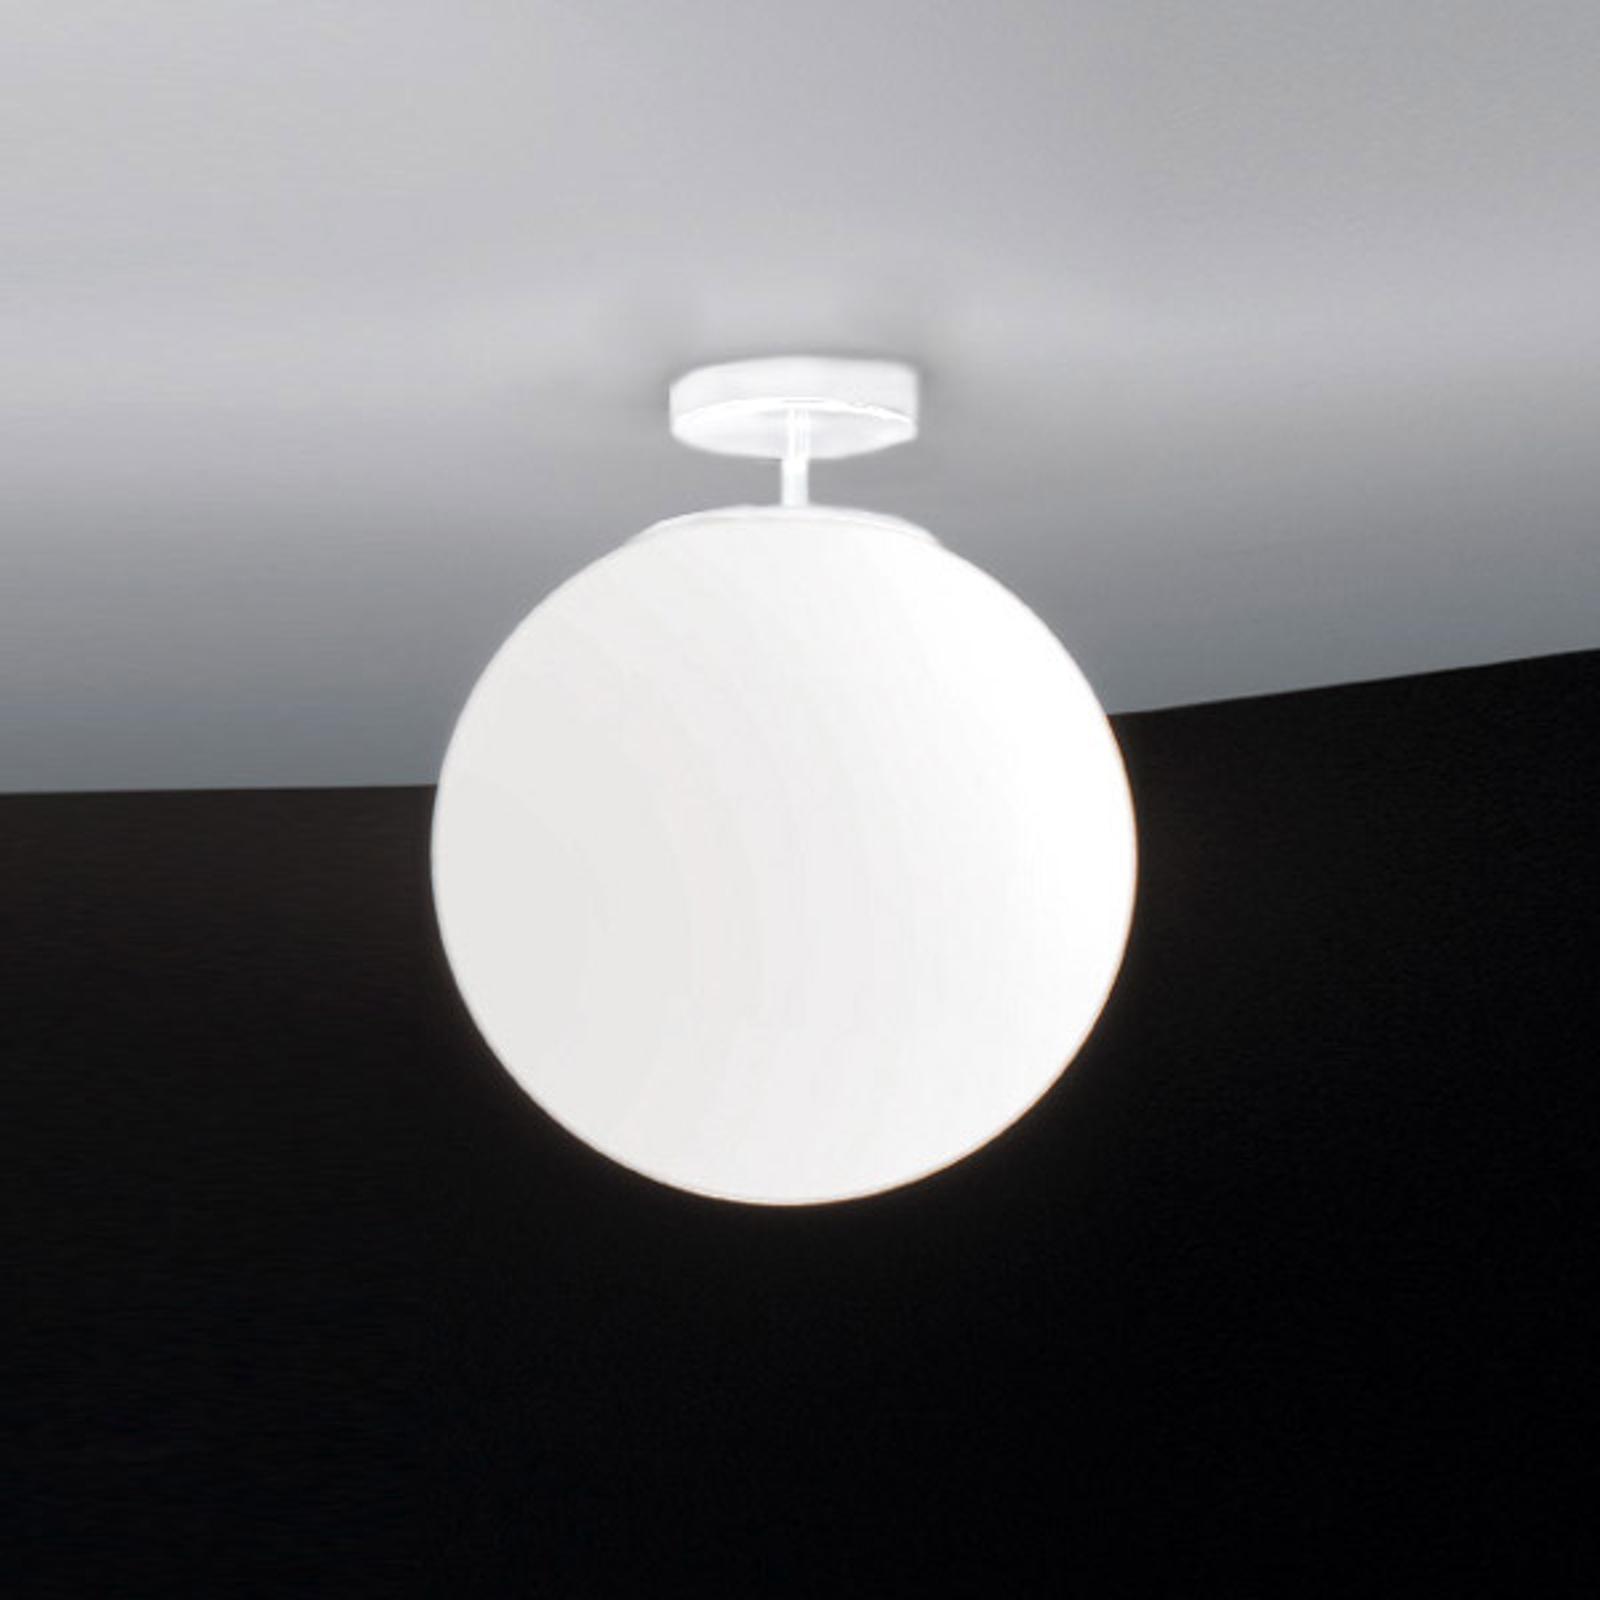 Hvit Sferis taklampe av glass på 30 cm